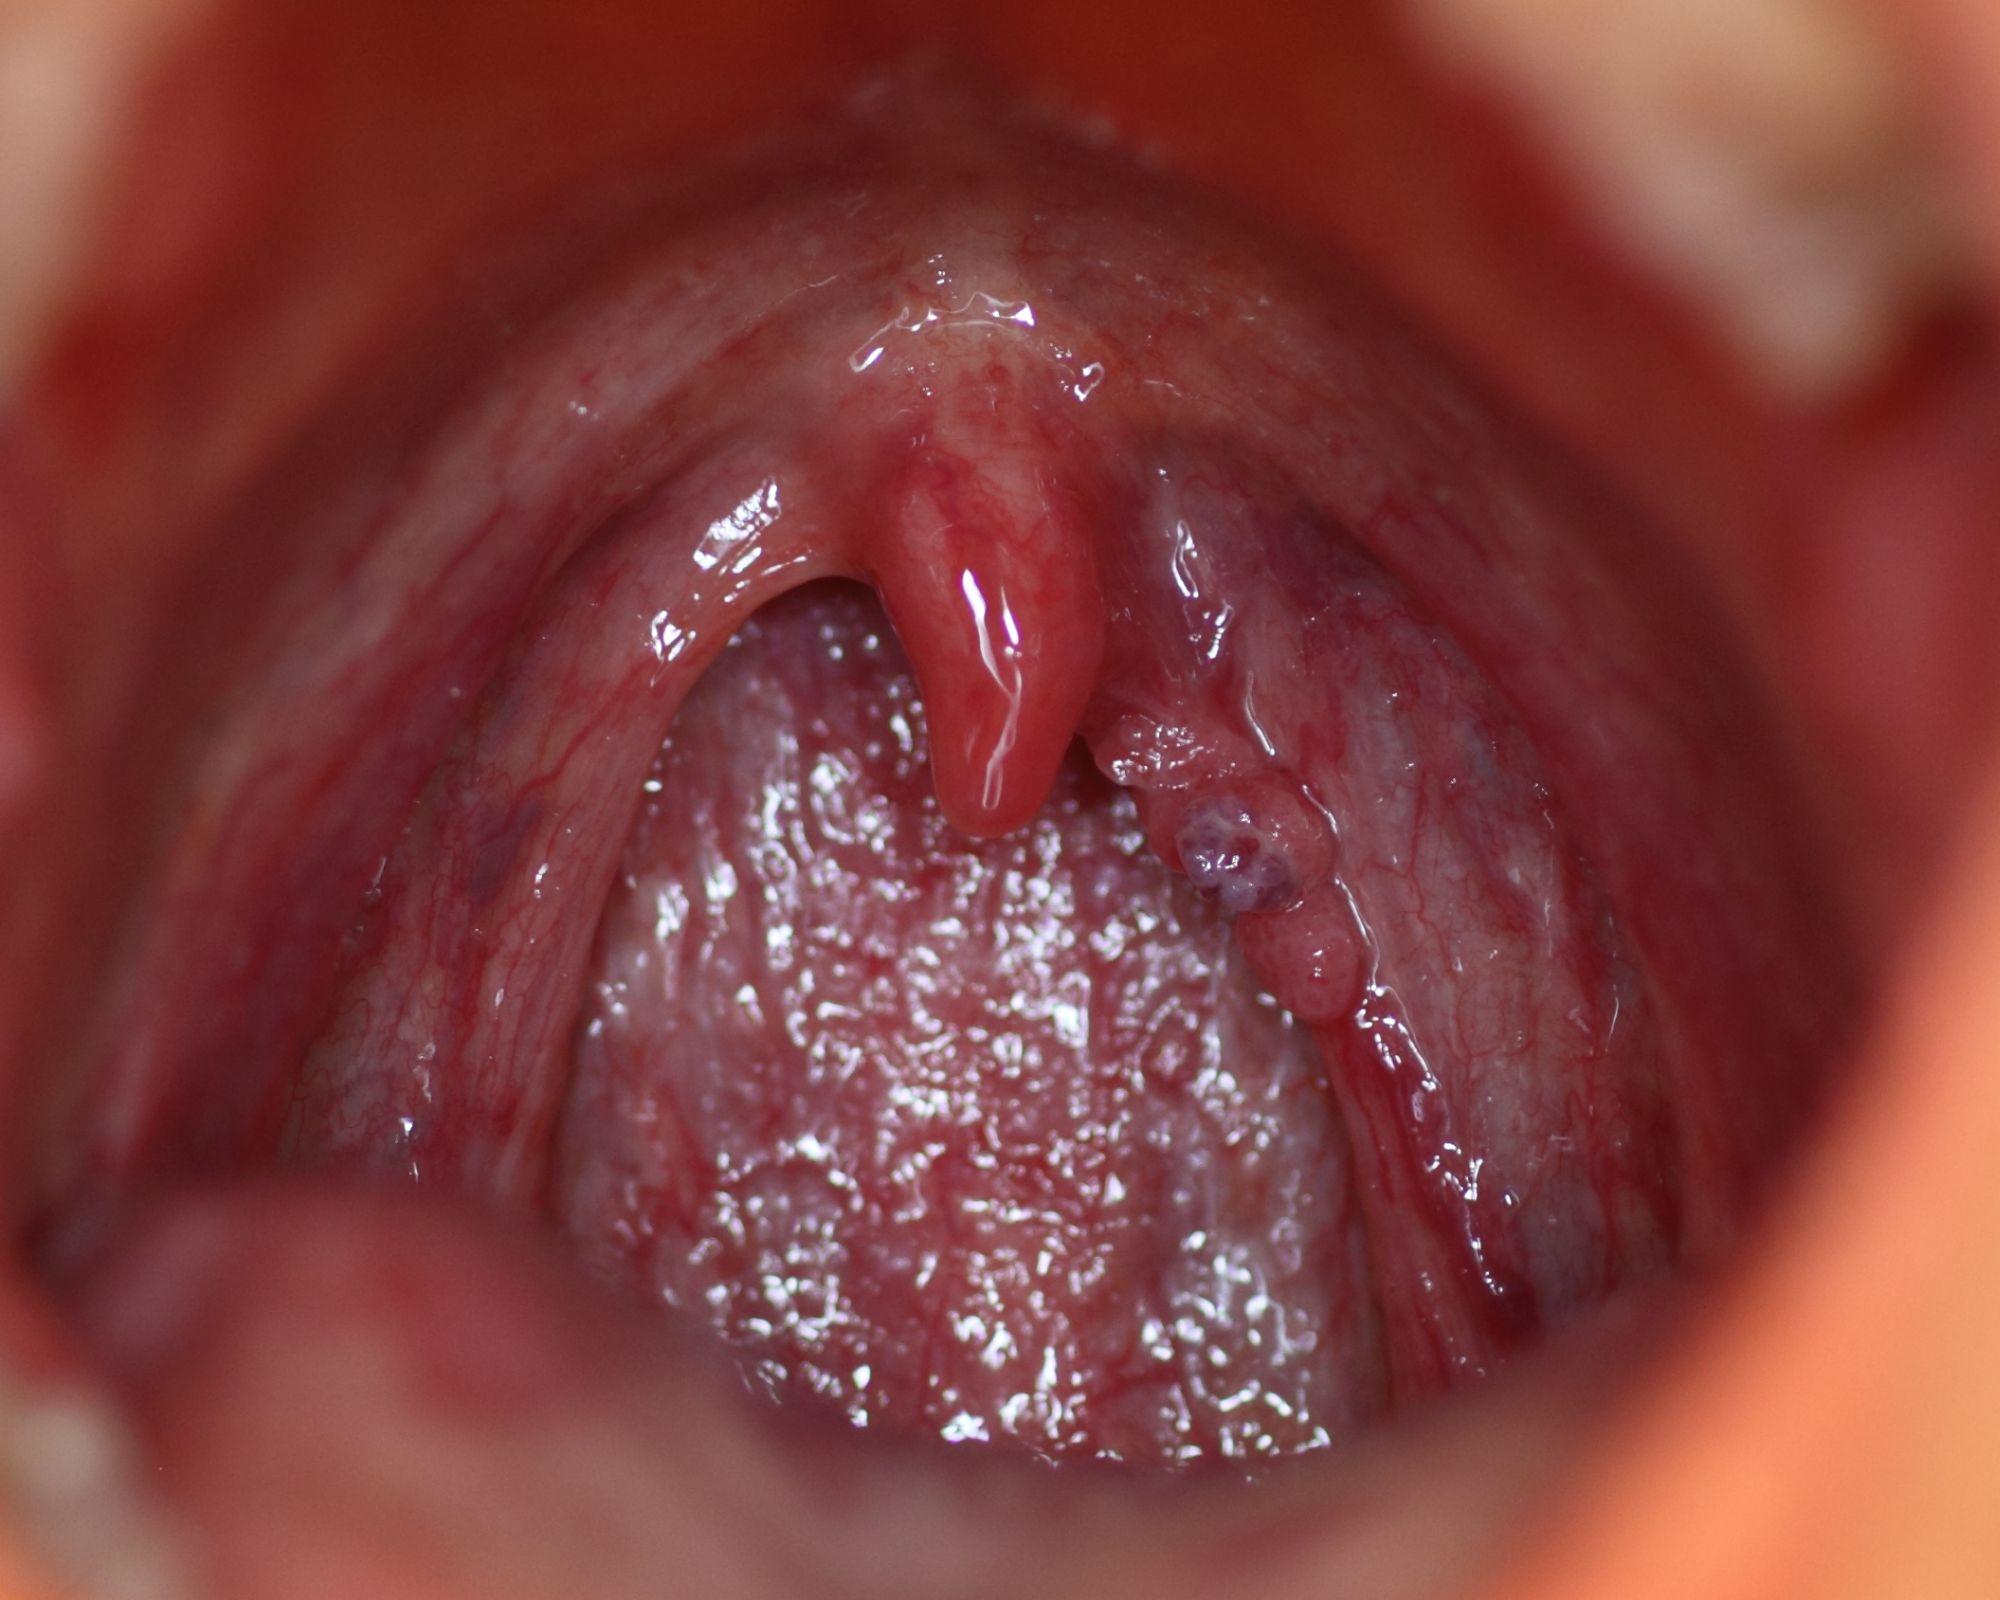 Infecția cu HPV la bărbat